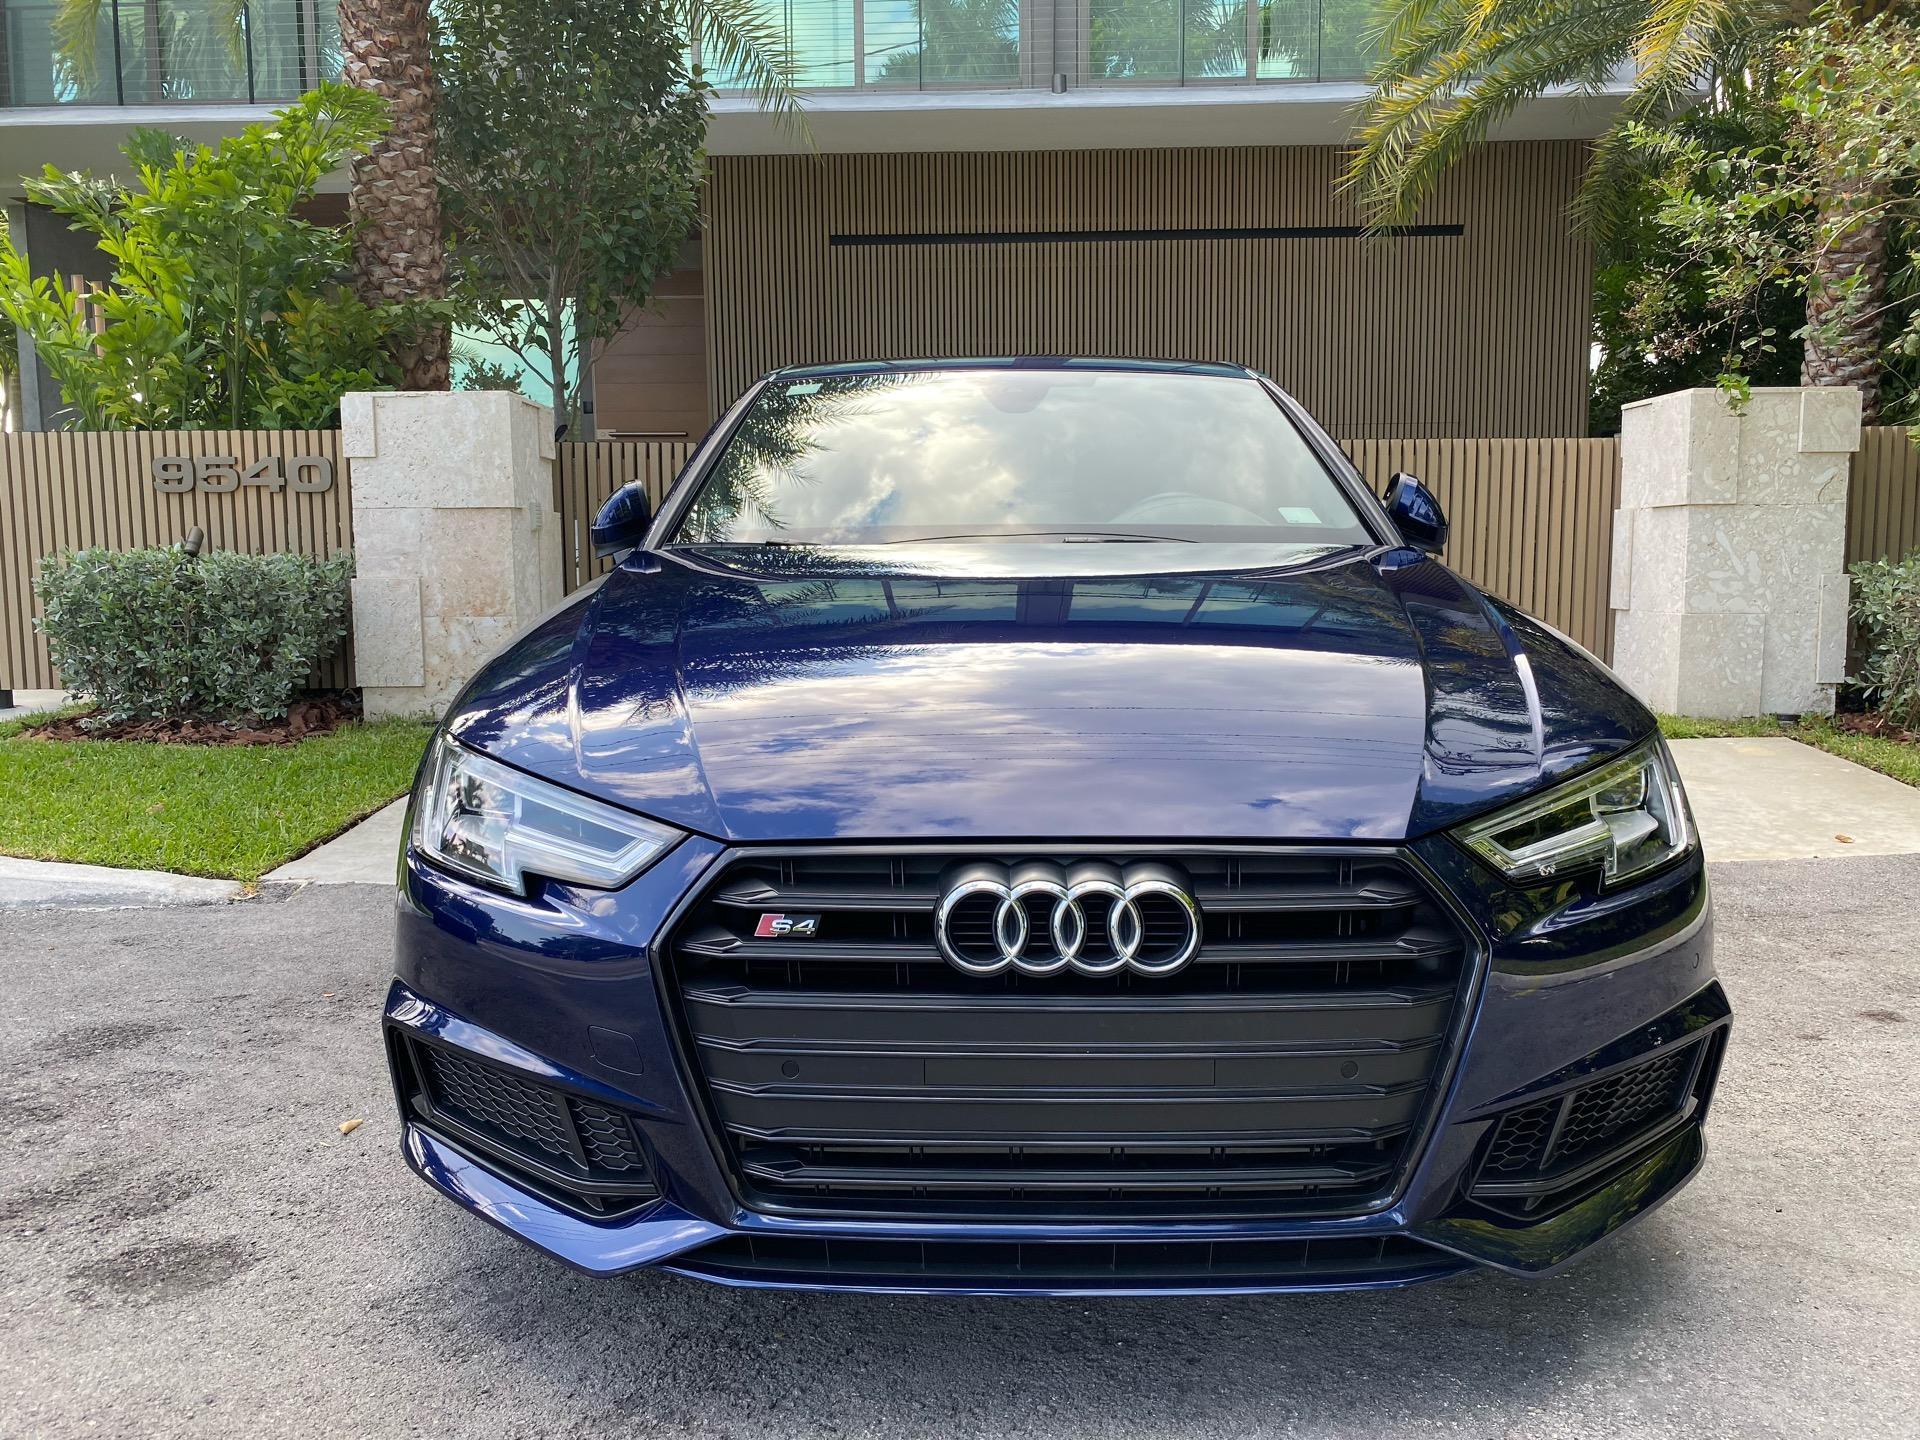 2018 Audi S4 - photo 1